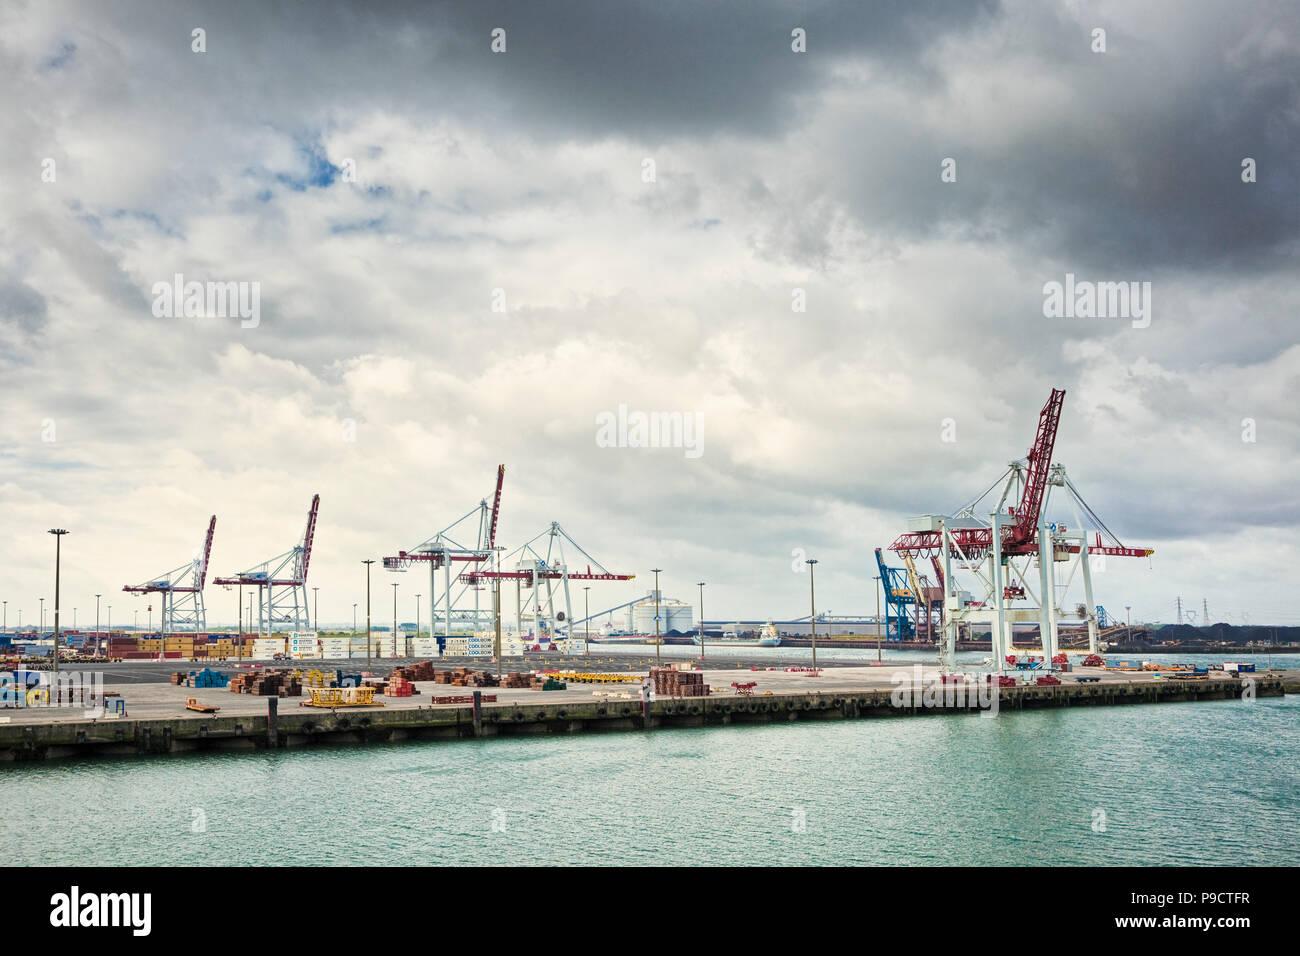 Sur les quais de grues le port industriel de Dunkerque, France, Europe Photo Stock